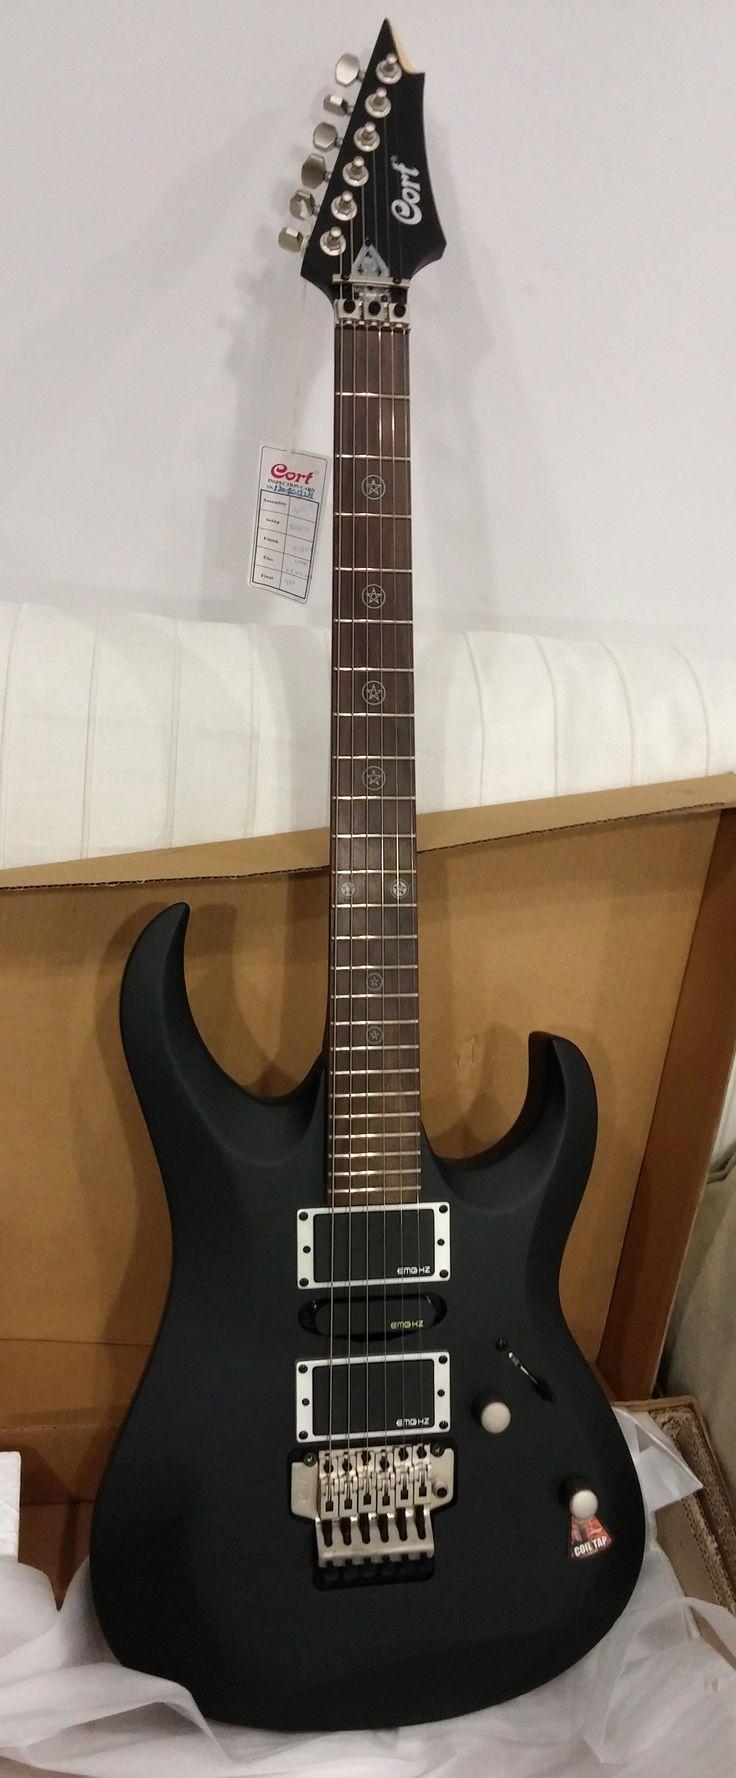 ¿Guitarras Cort baratas? Pásate por aquí